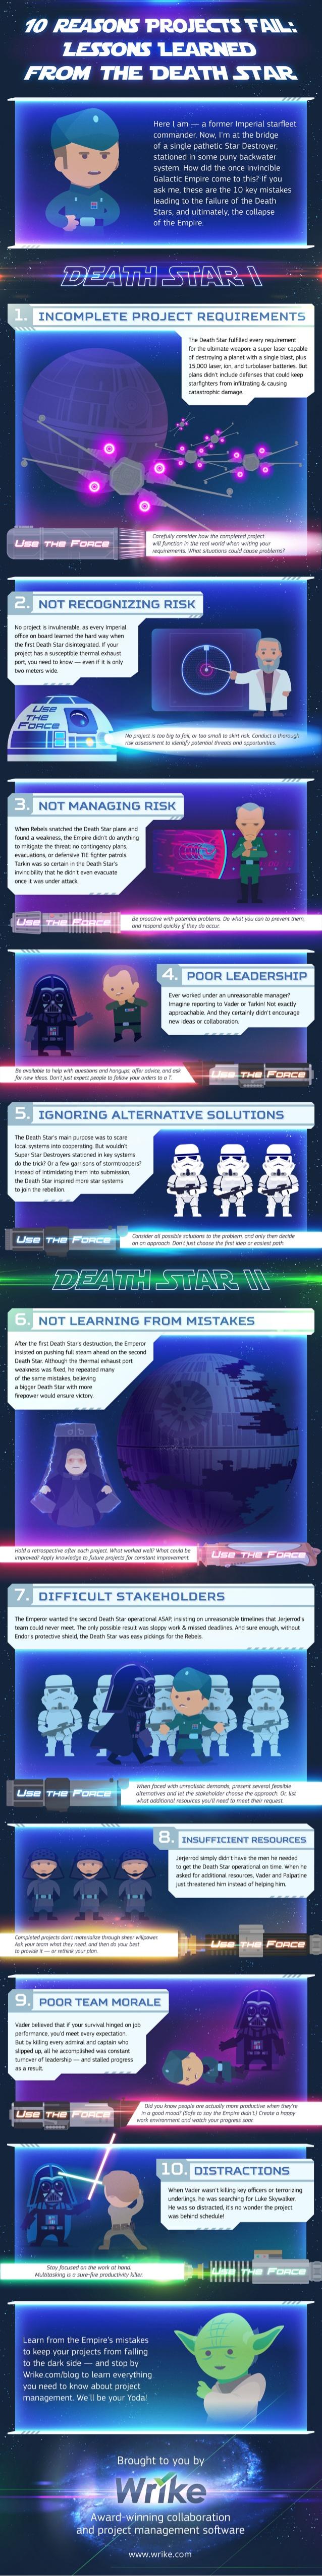 10 lecciones aprendidas de la Estrella de la Muerte sobre proyectos